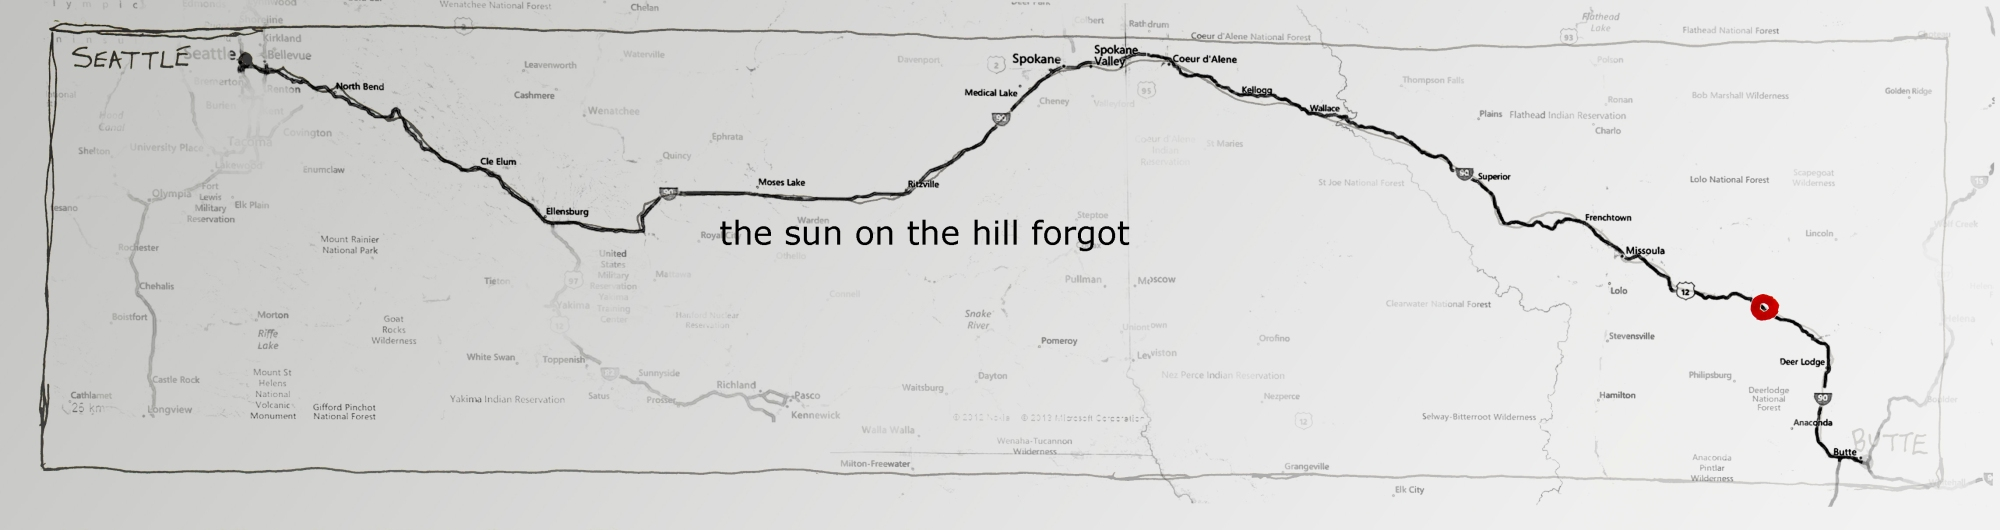 478 map